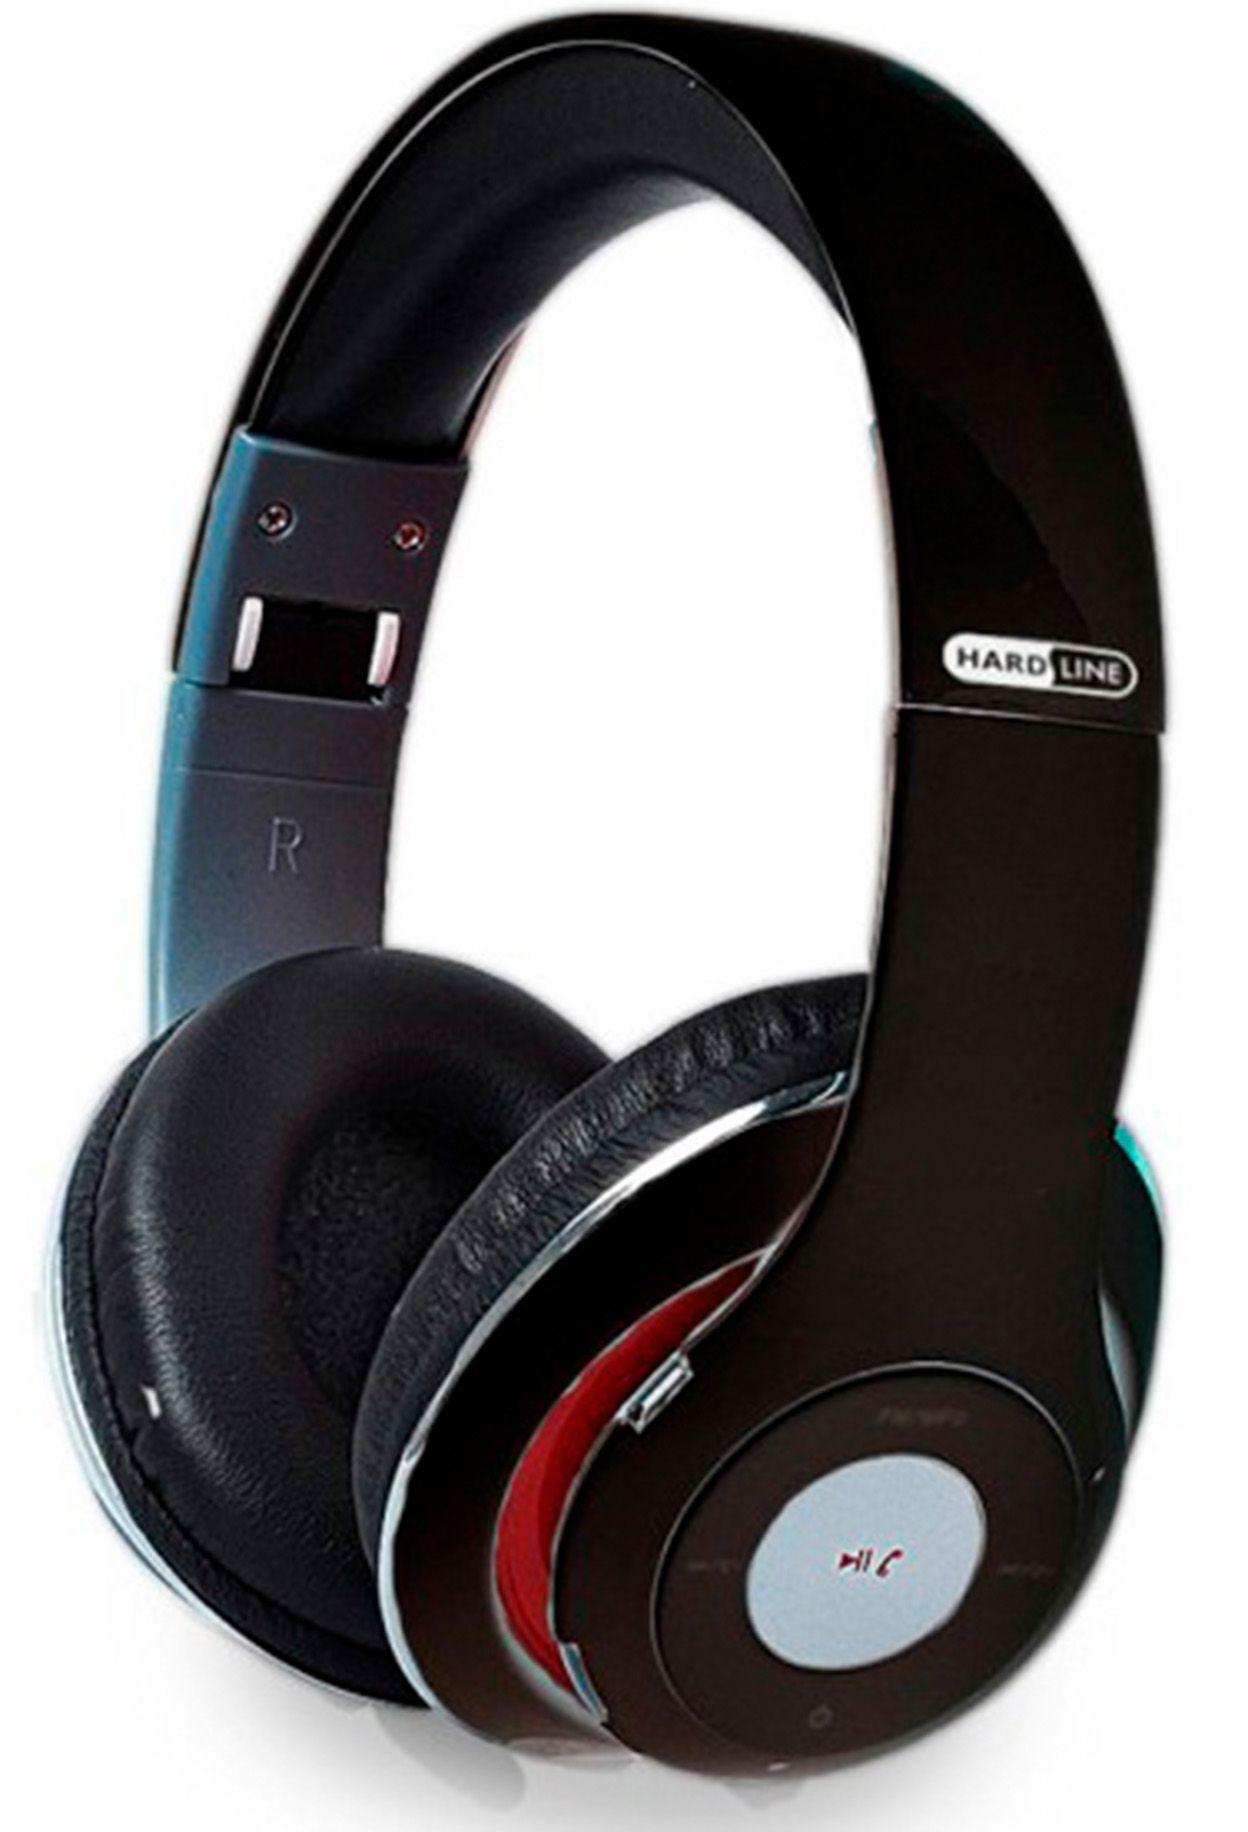 Fone de Ouvido Bluetooth com Microfone Hardline TM-10 com Rádio FM e SD